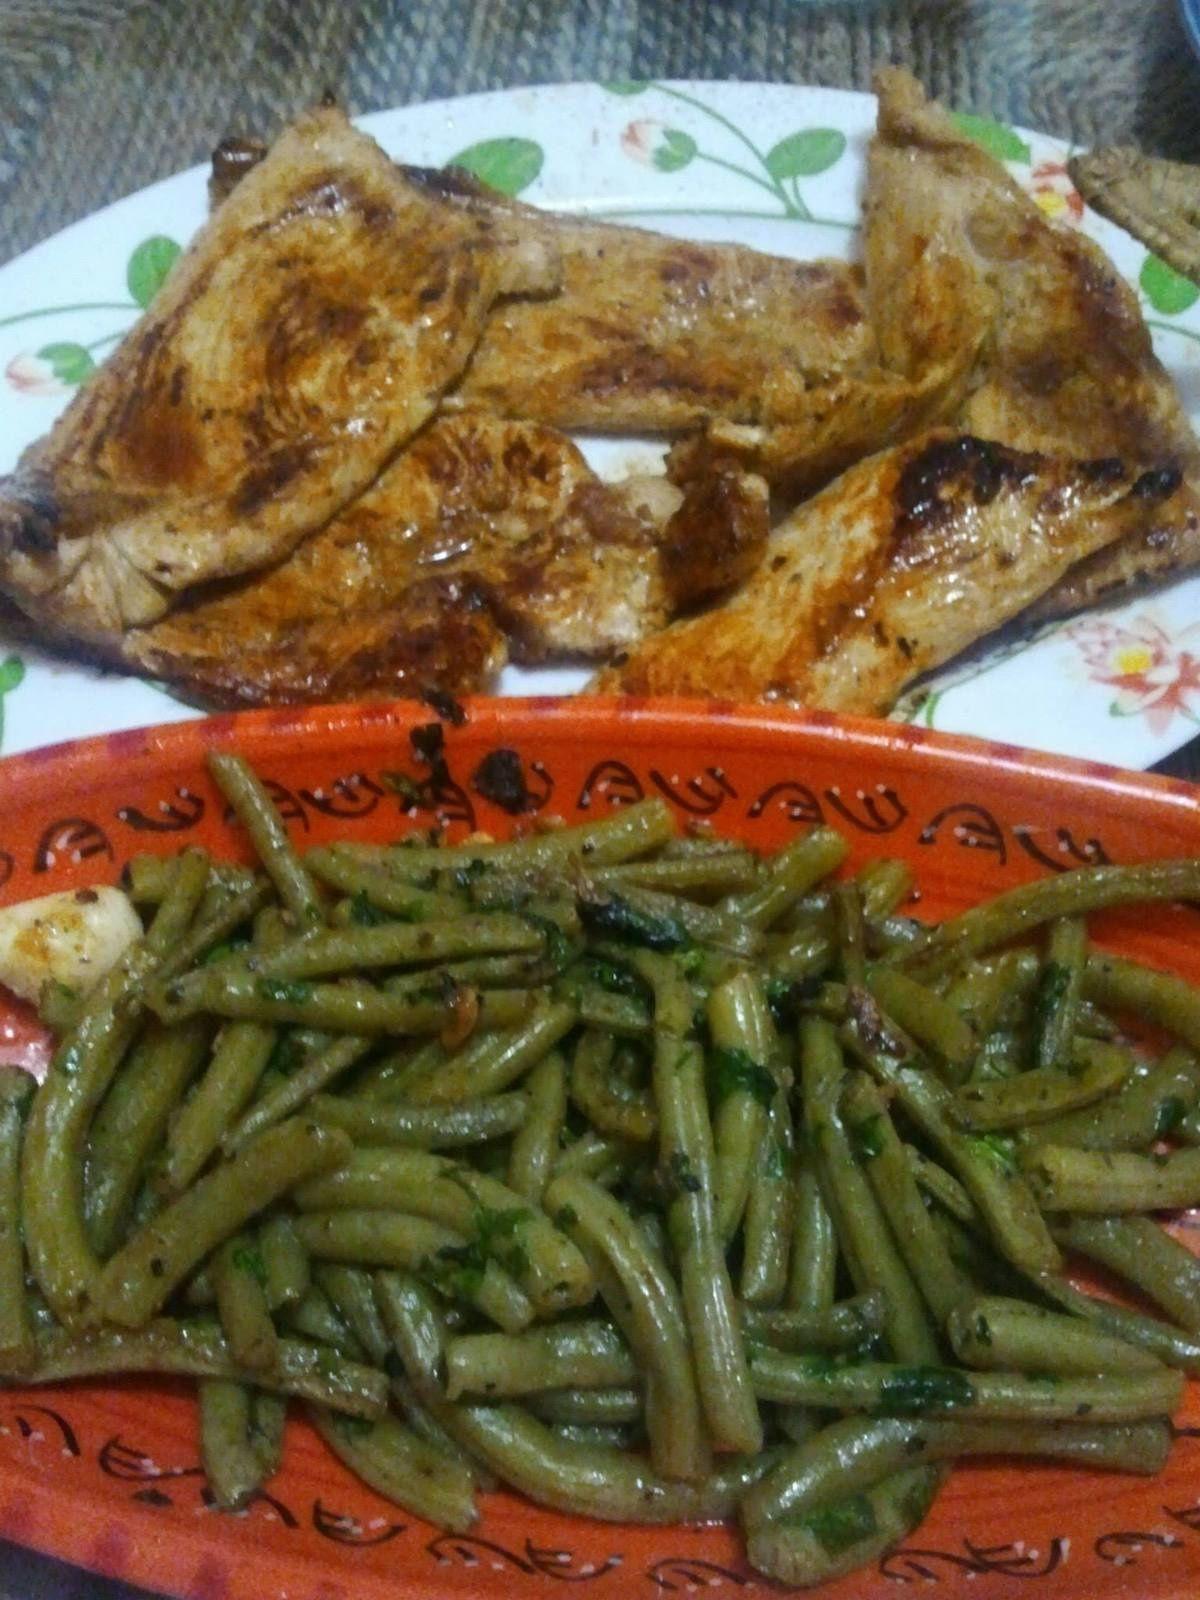 filet de boeuf et escalope de poulet à la plancha et leurs légumes et sauce au roquefort